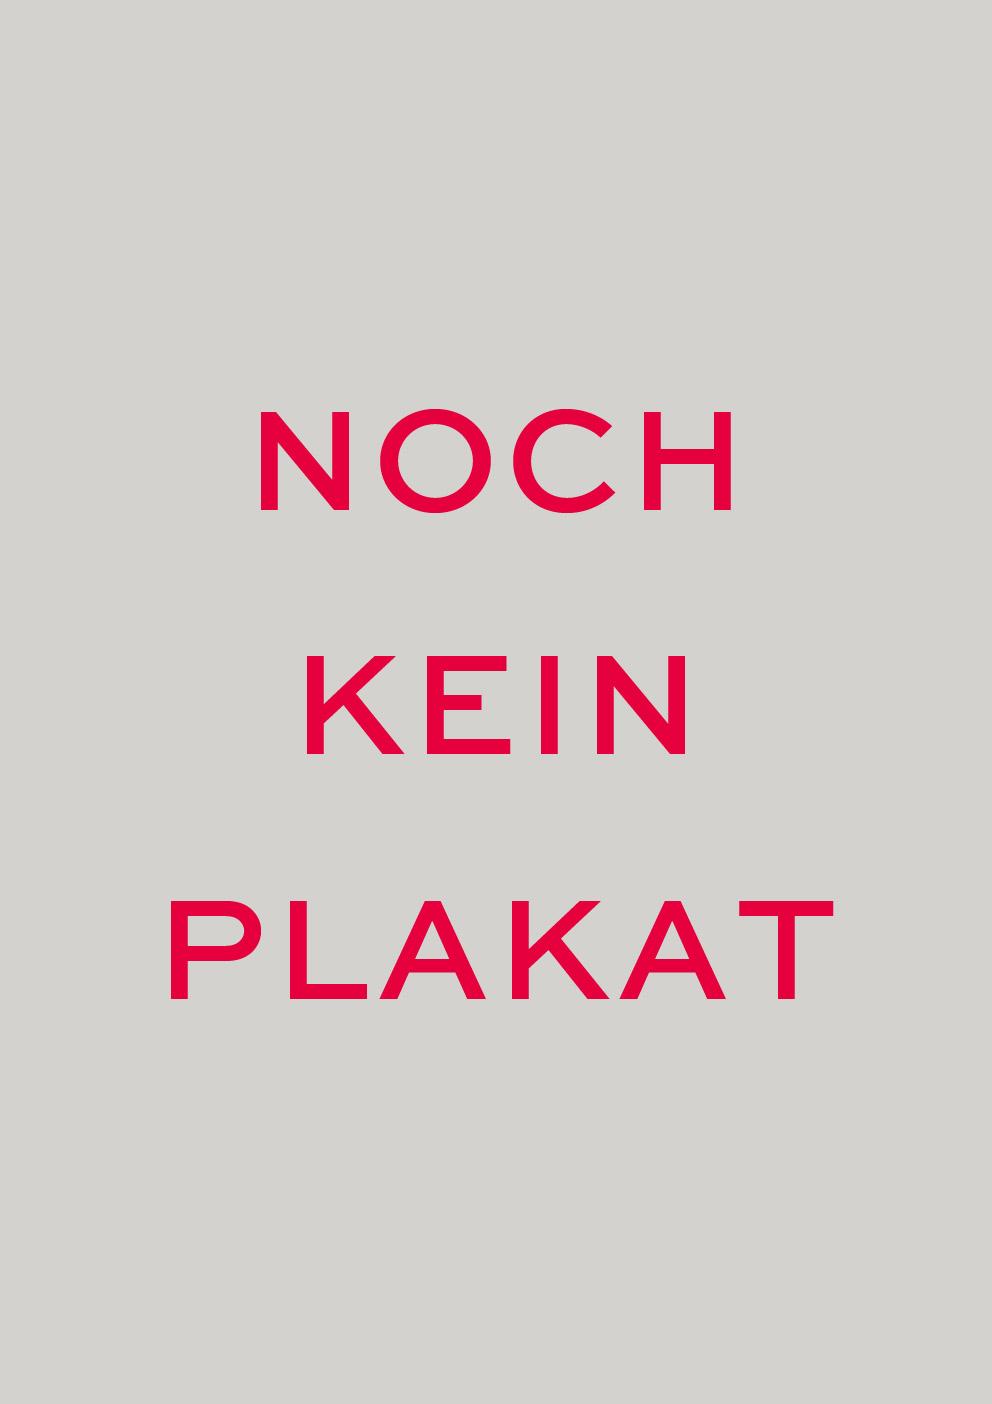 schmidtschumacher_nochkeinplakat_dunkler.jpg